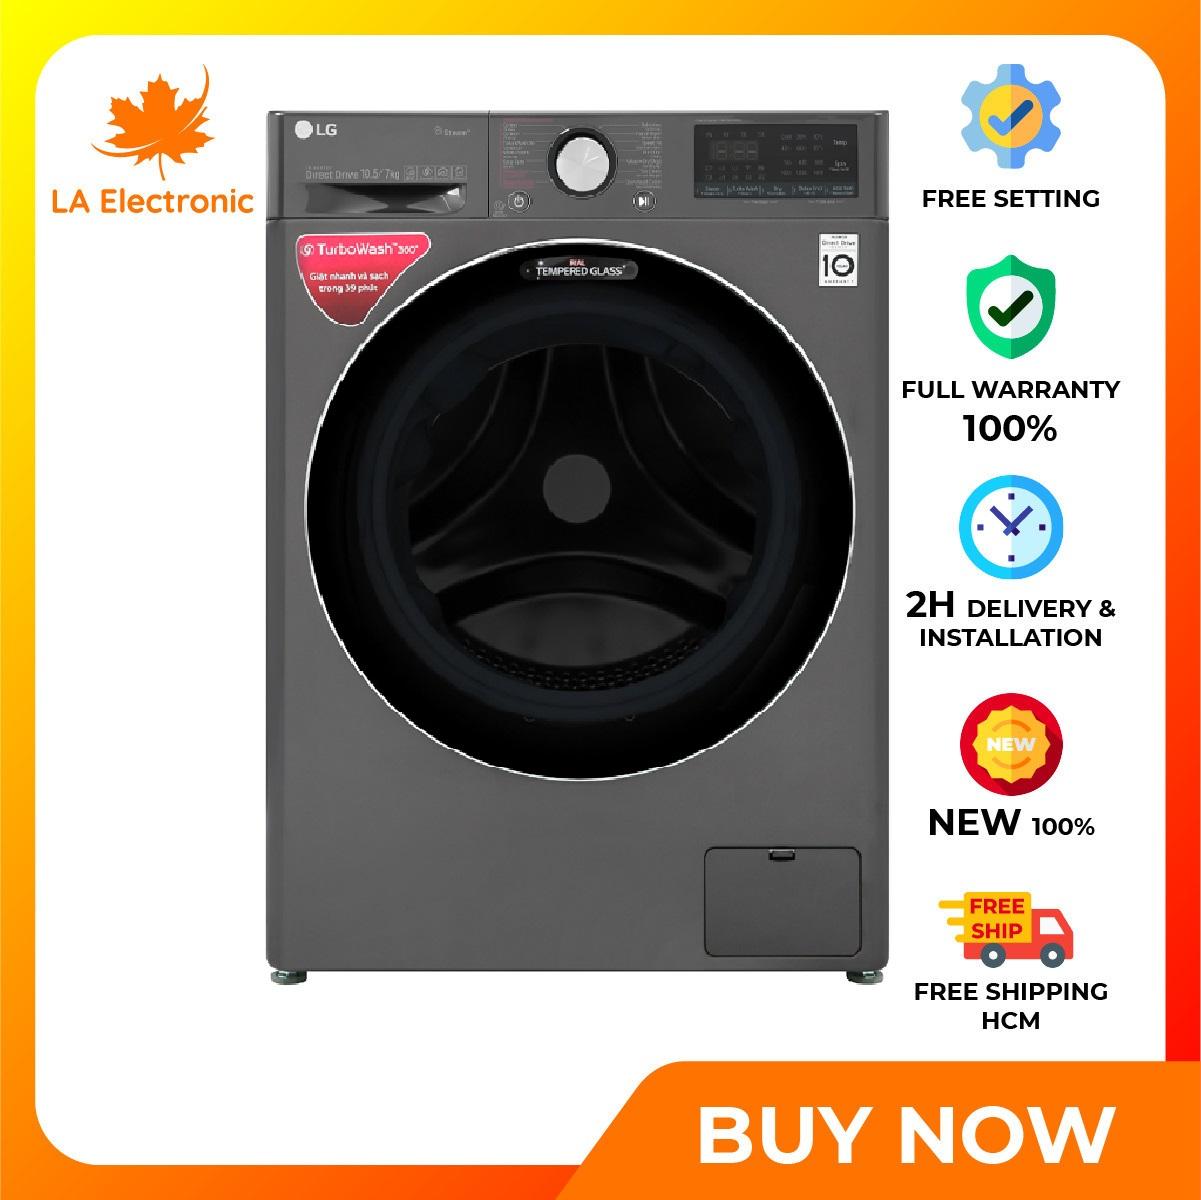 Trả Góp 0% - Máy giặt sấy LG Inverter 10.5 kg FV1450H2B - Miễn phí vận chuyển HCM